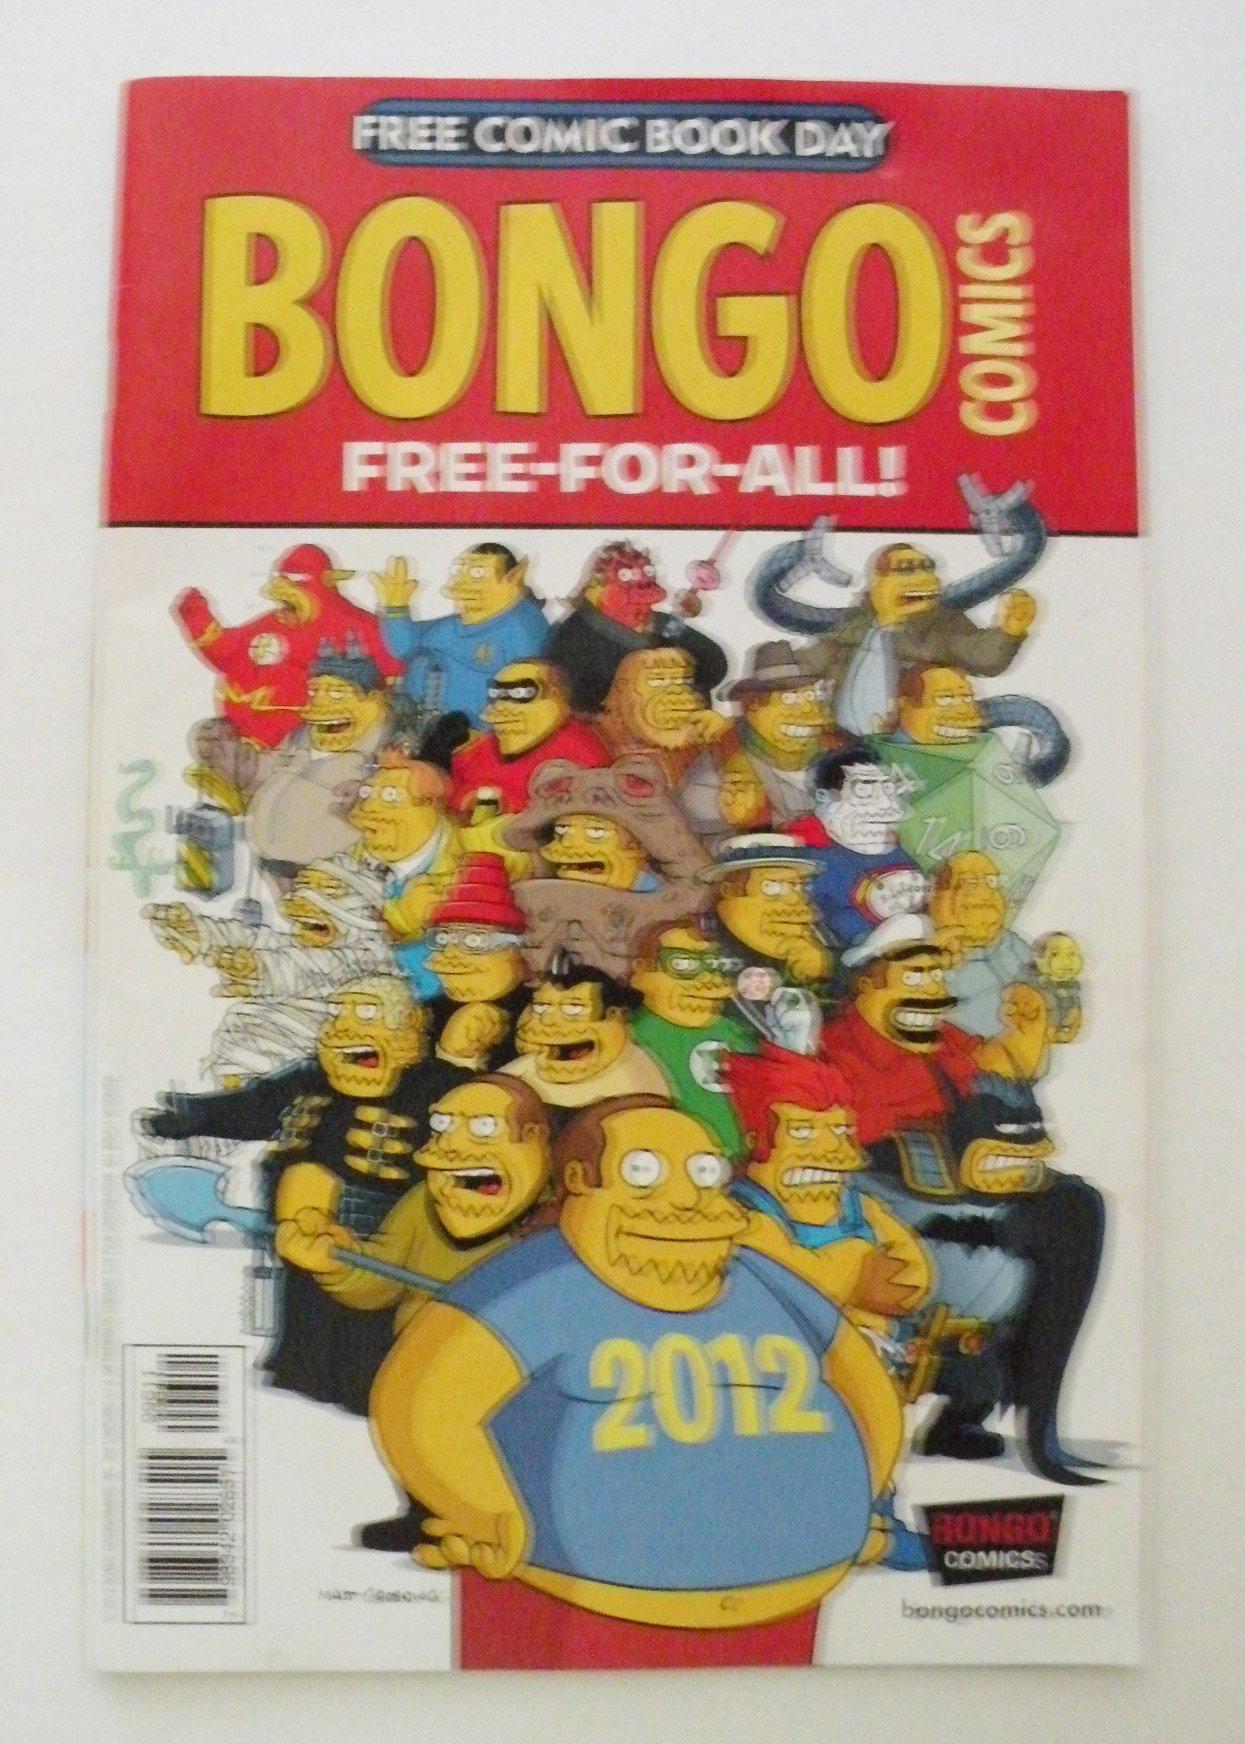 Download Bongo Comics Free-For-All / SpongeBob Comics Freestyle Funnies FCBD 2012 pdf